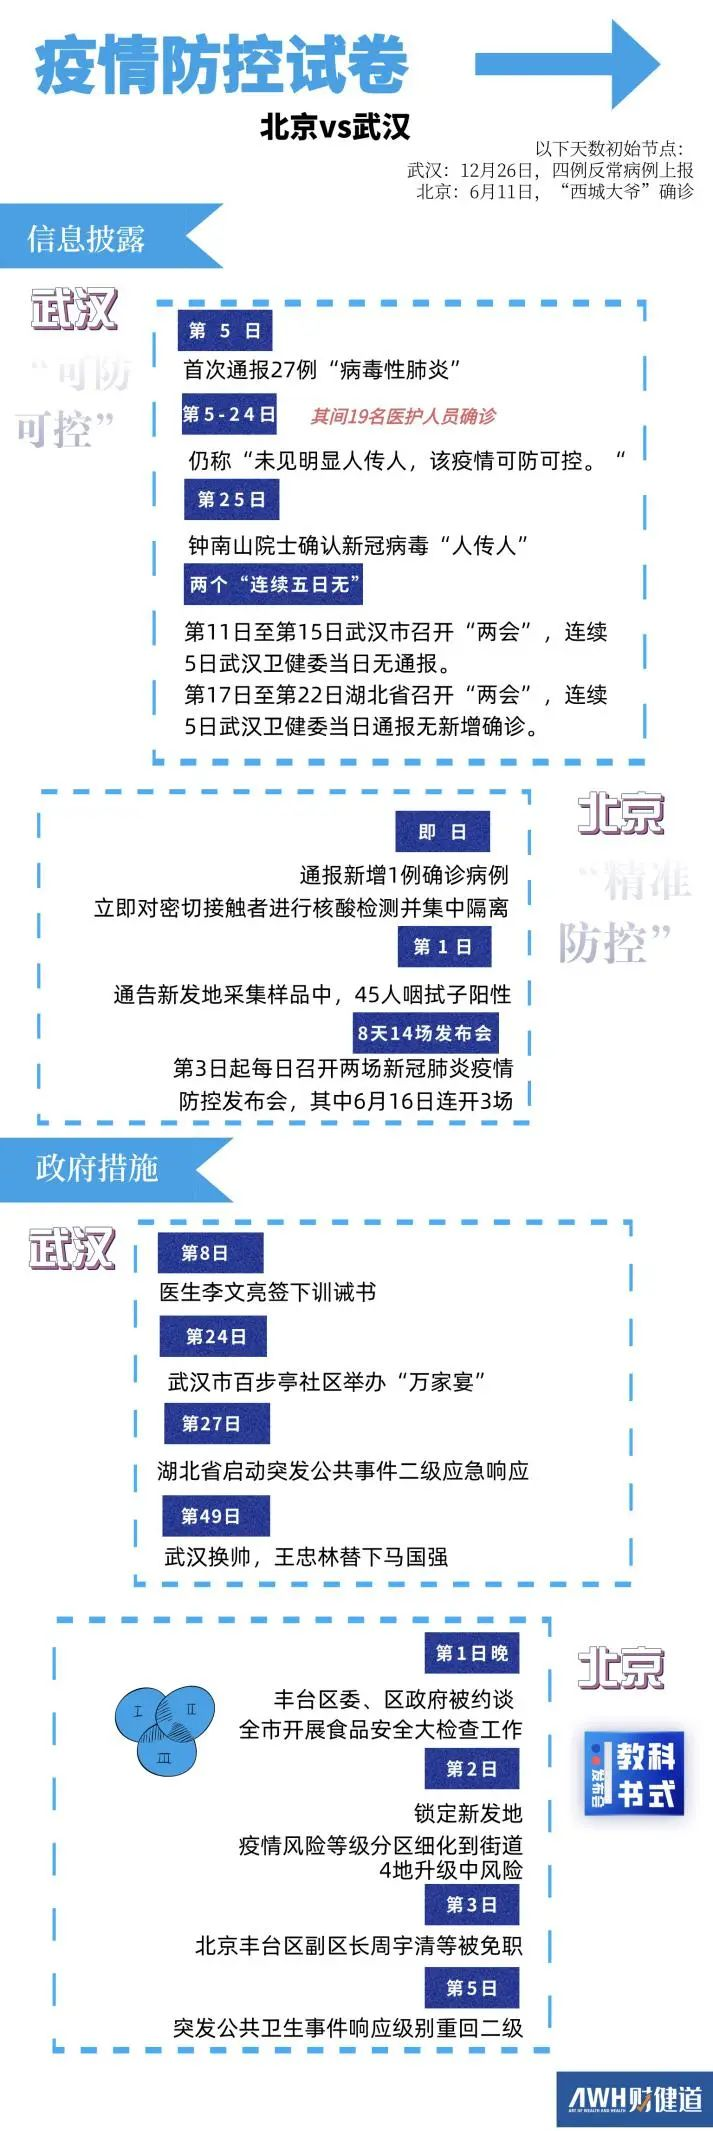 [高德平台]VS武汉新冠防高德平台疫的答卷为何图片